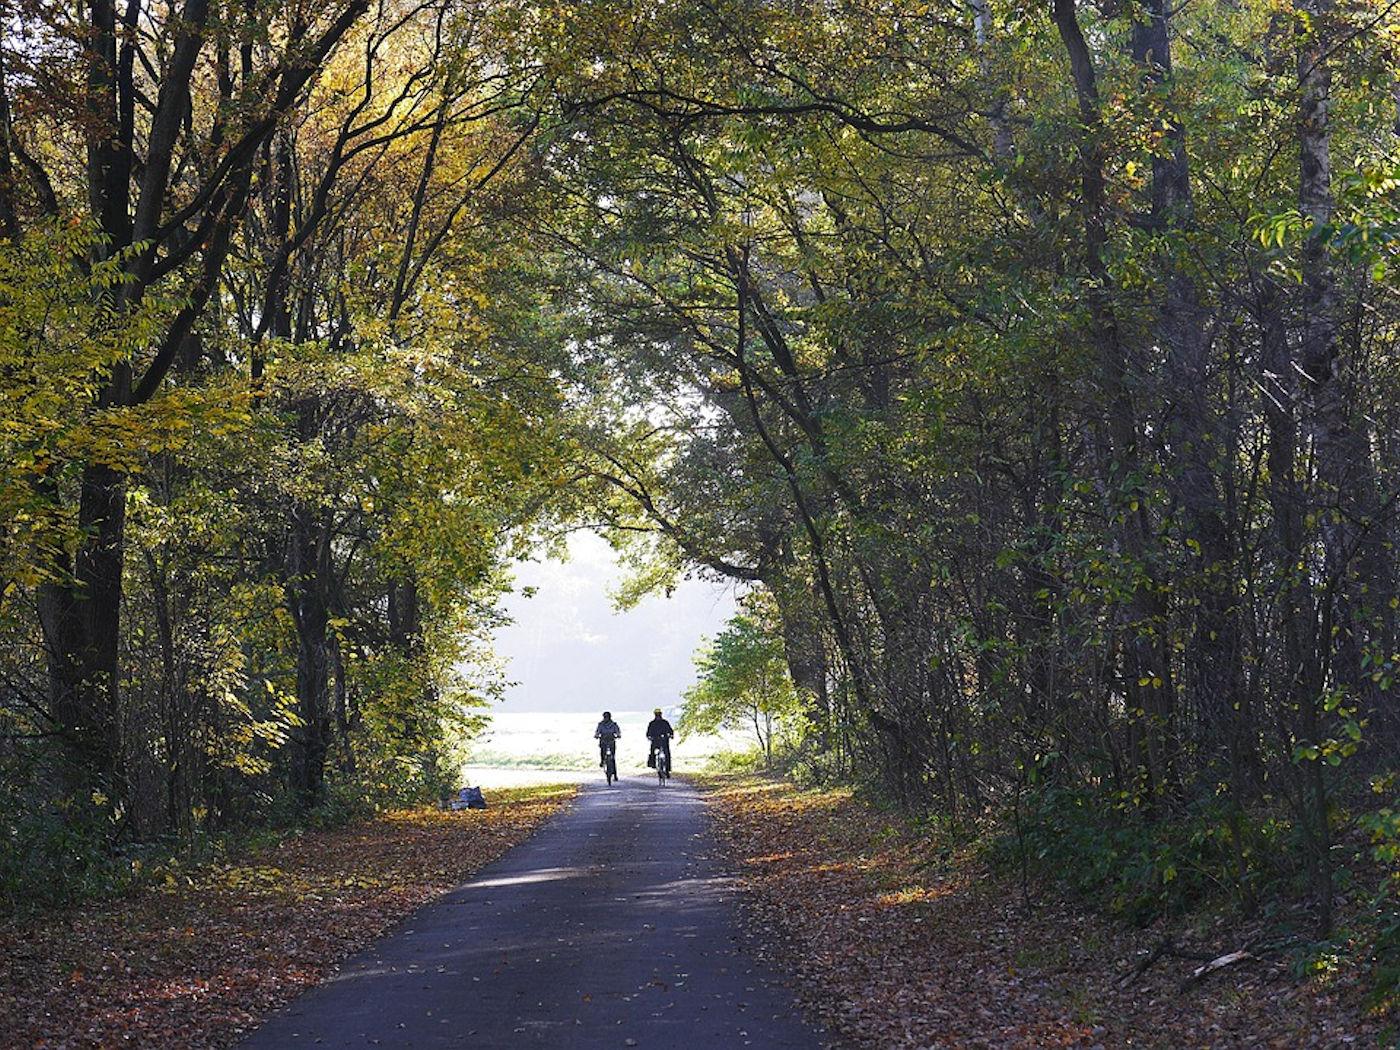 Twee fietsers in het bos